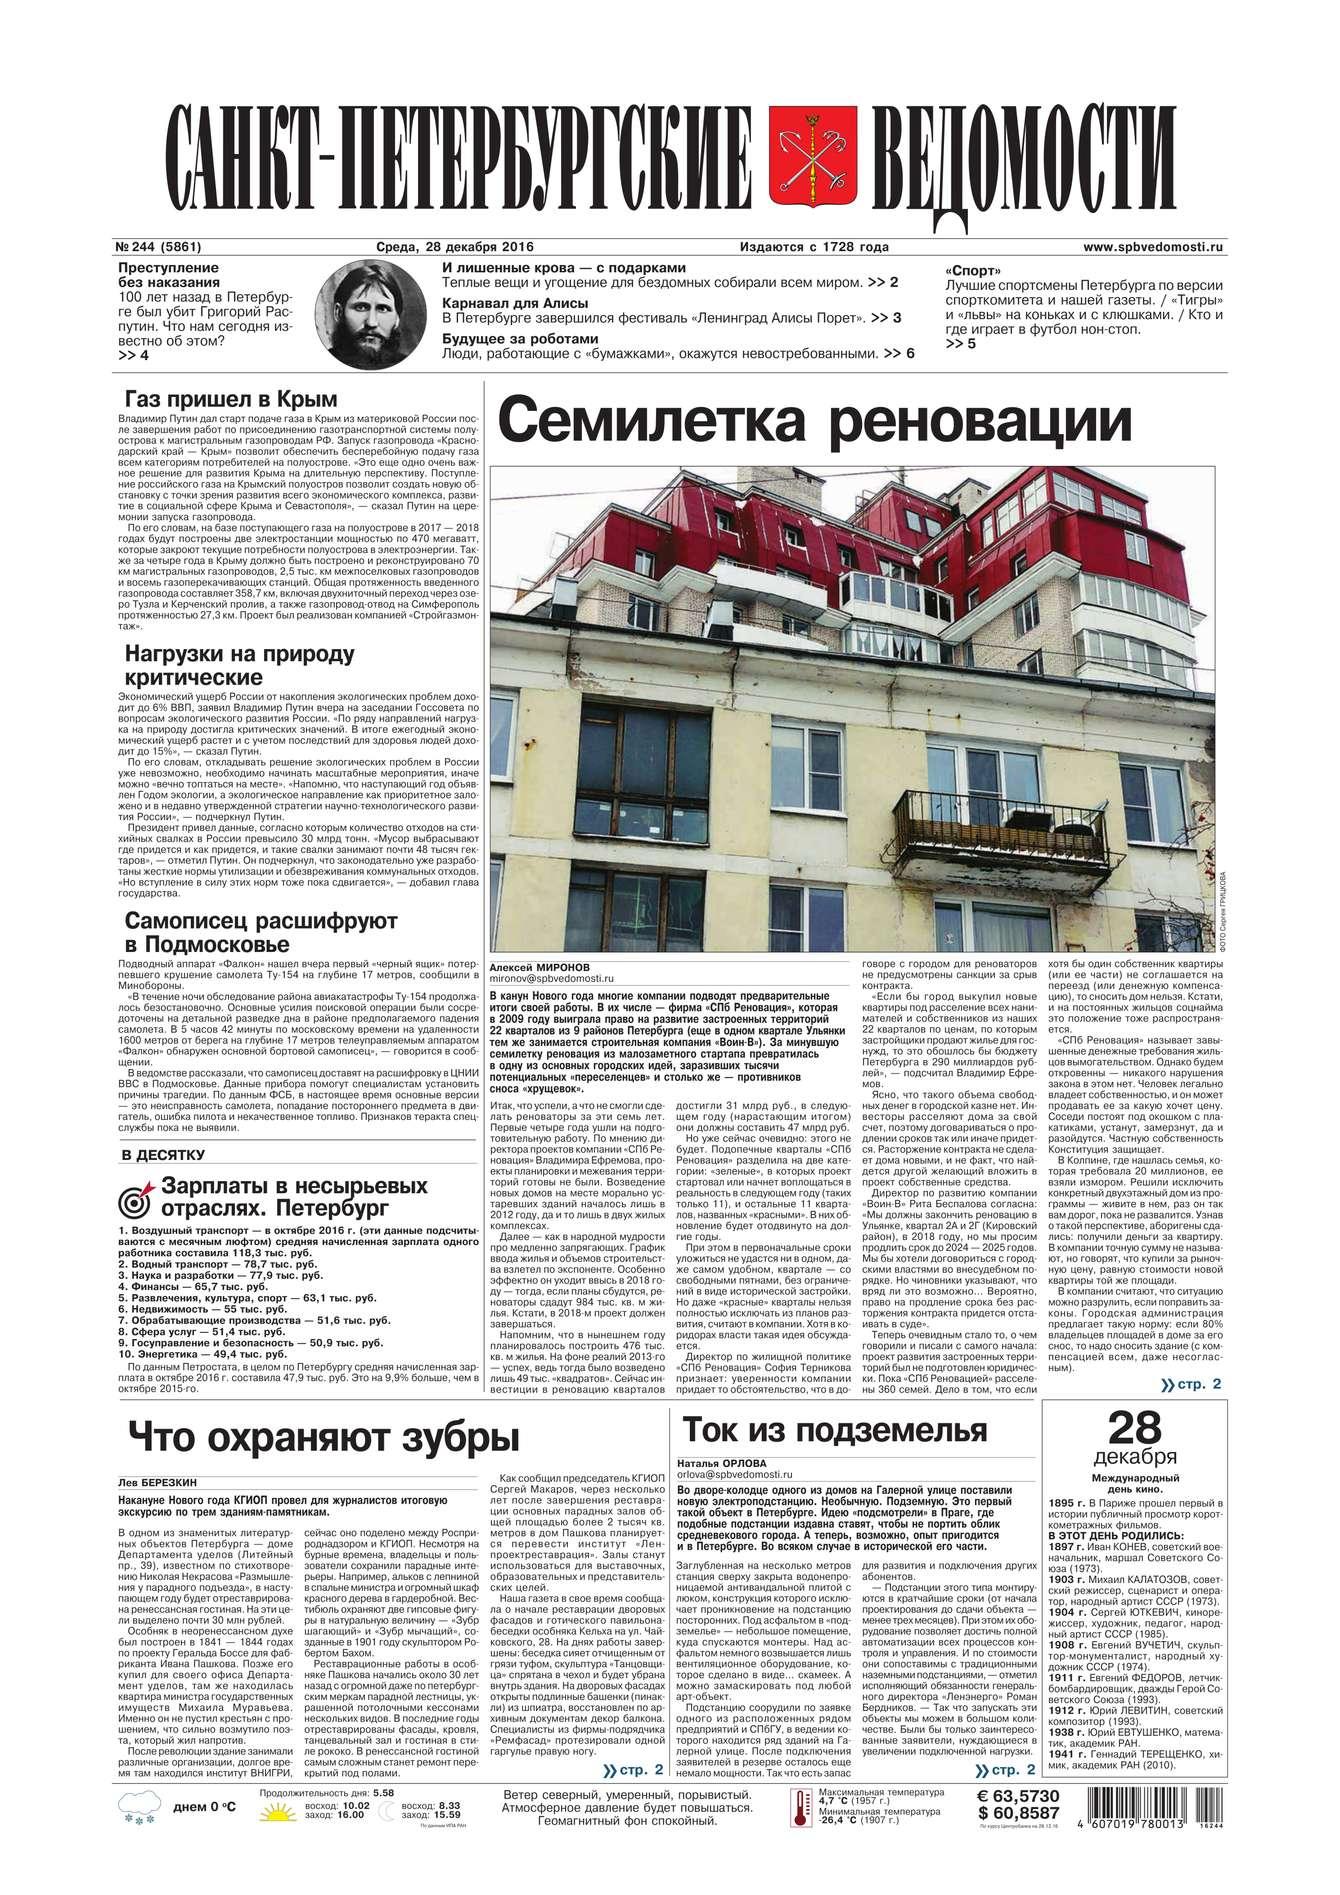 Редакция газеты Санкт-Петербургские ведомости 244-2016